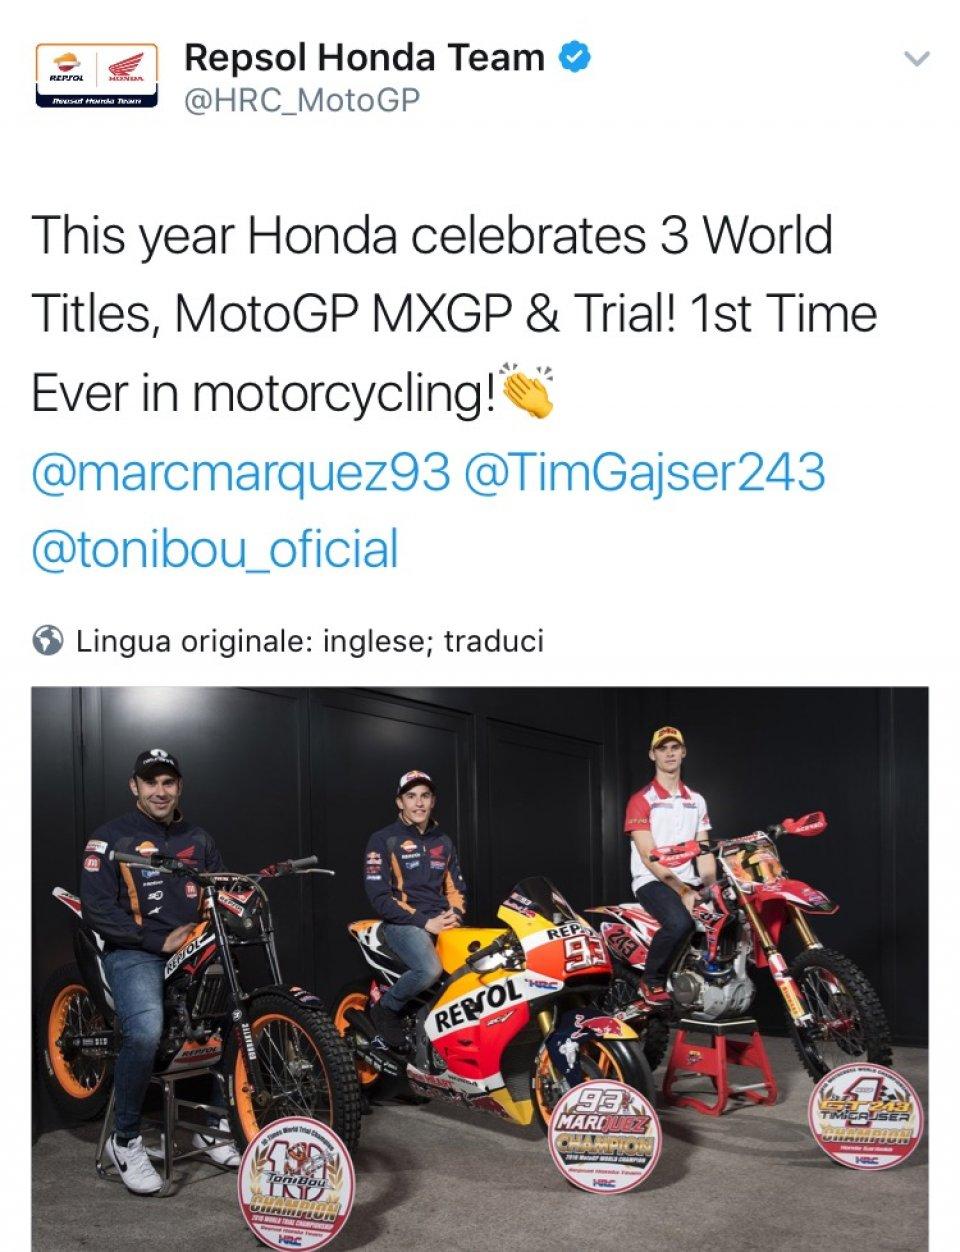 Quest'anno la Honda ha festeggiato tre titoli a Motegi